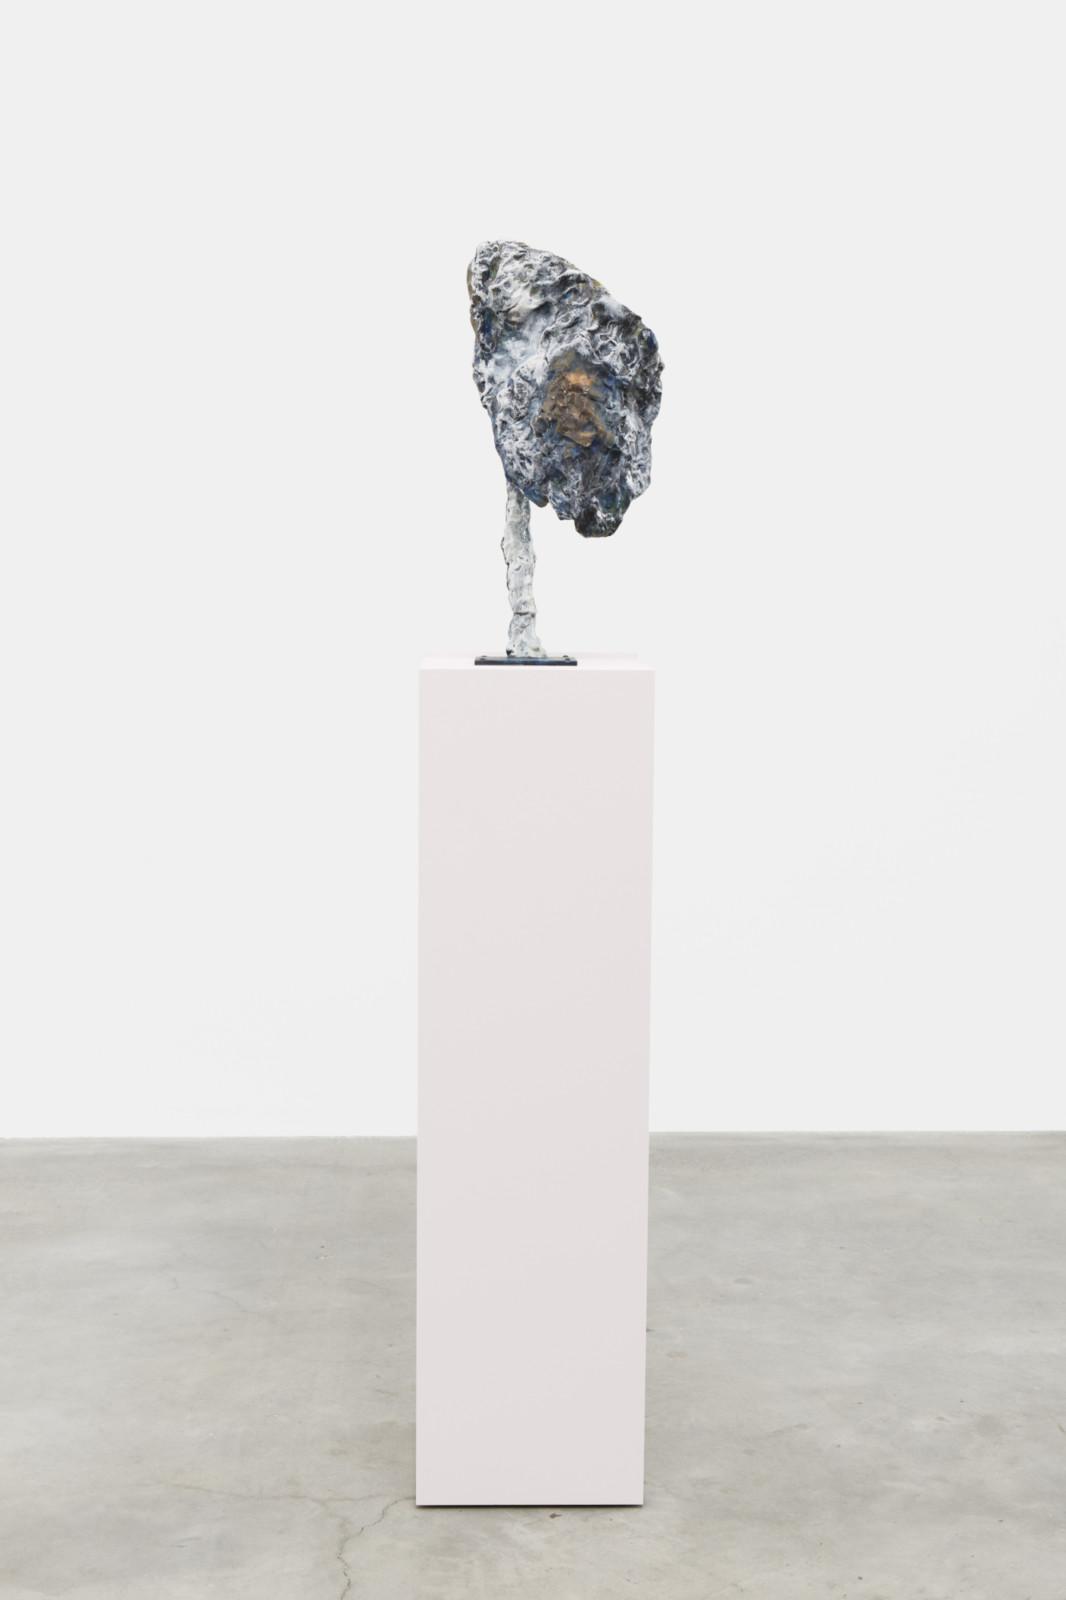 Sculpture by Rebecca Warren, , dated 2020